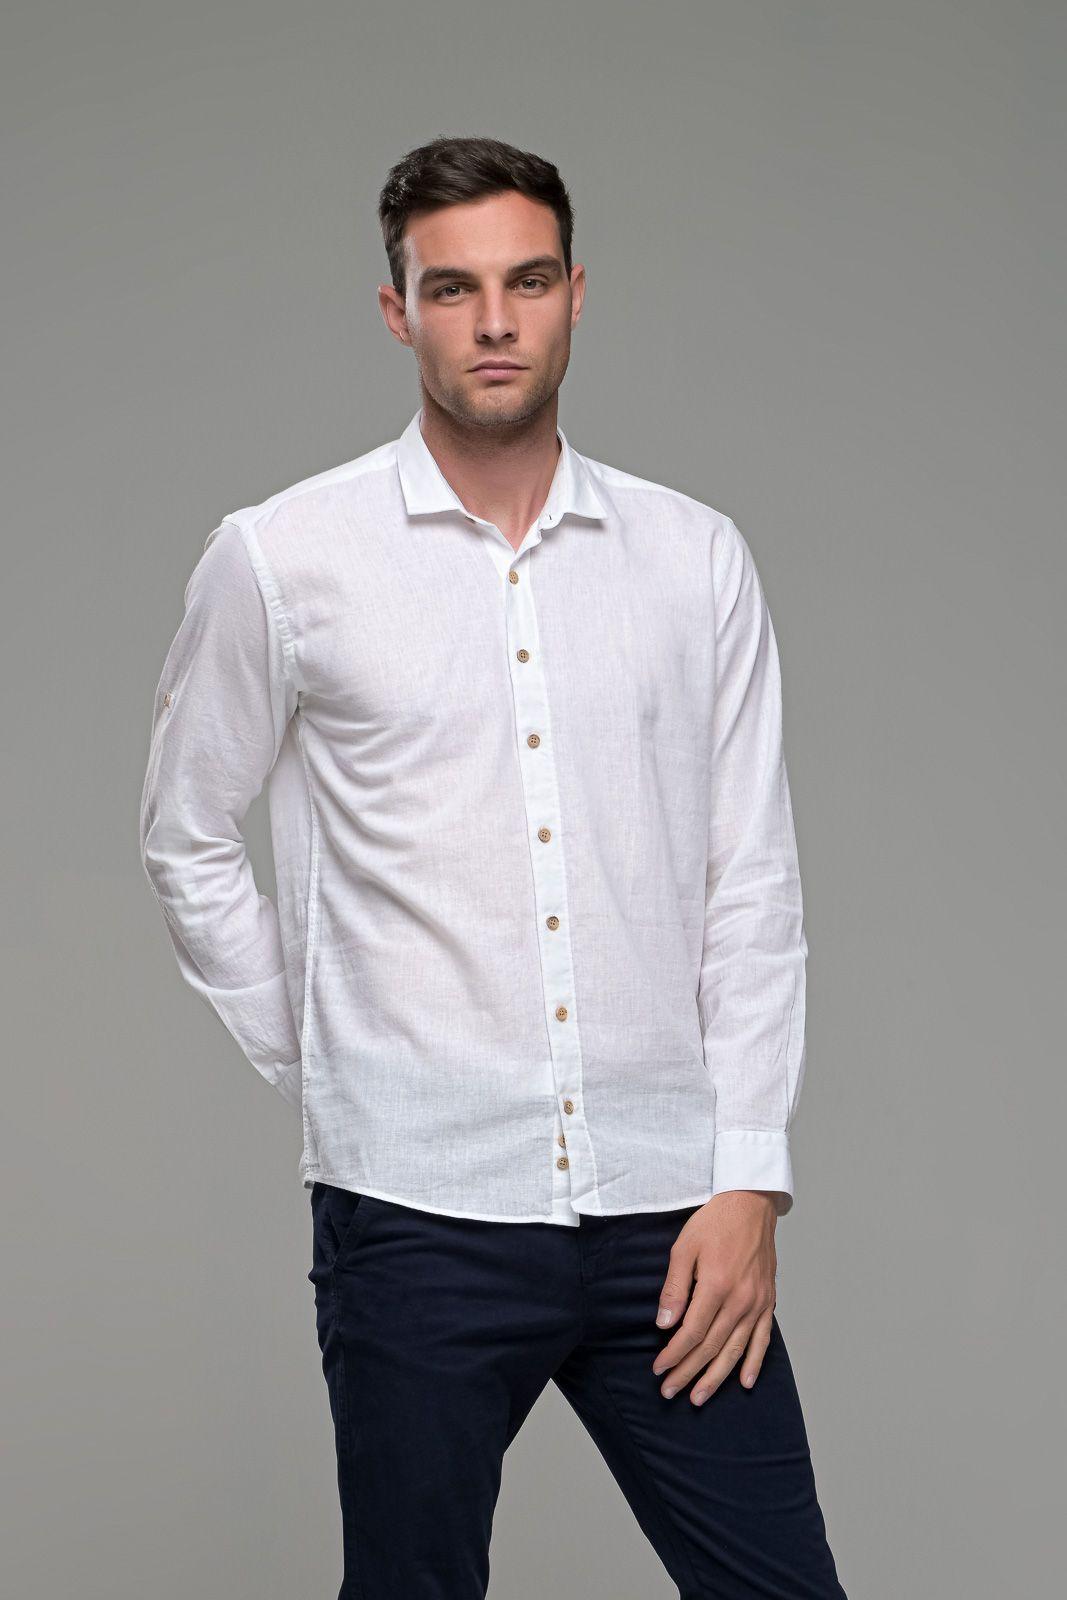 Λινό ανδρικό πουκάμισο λευκό άσπρο - Slim Fit